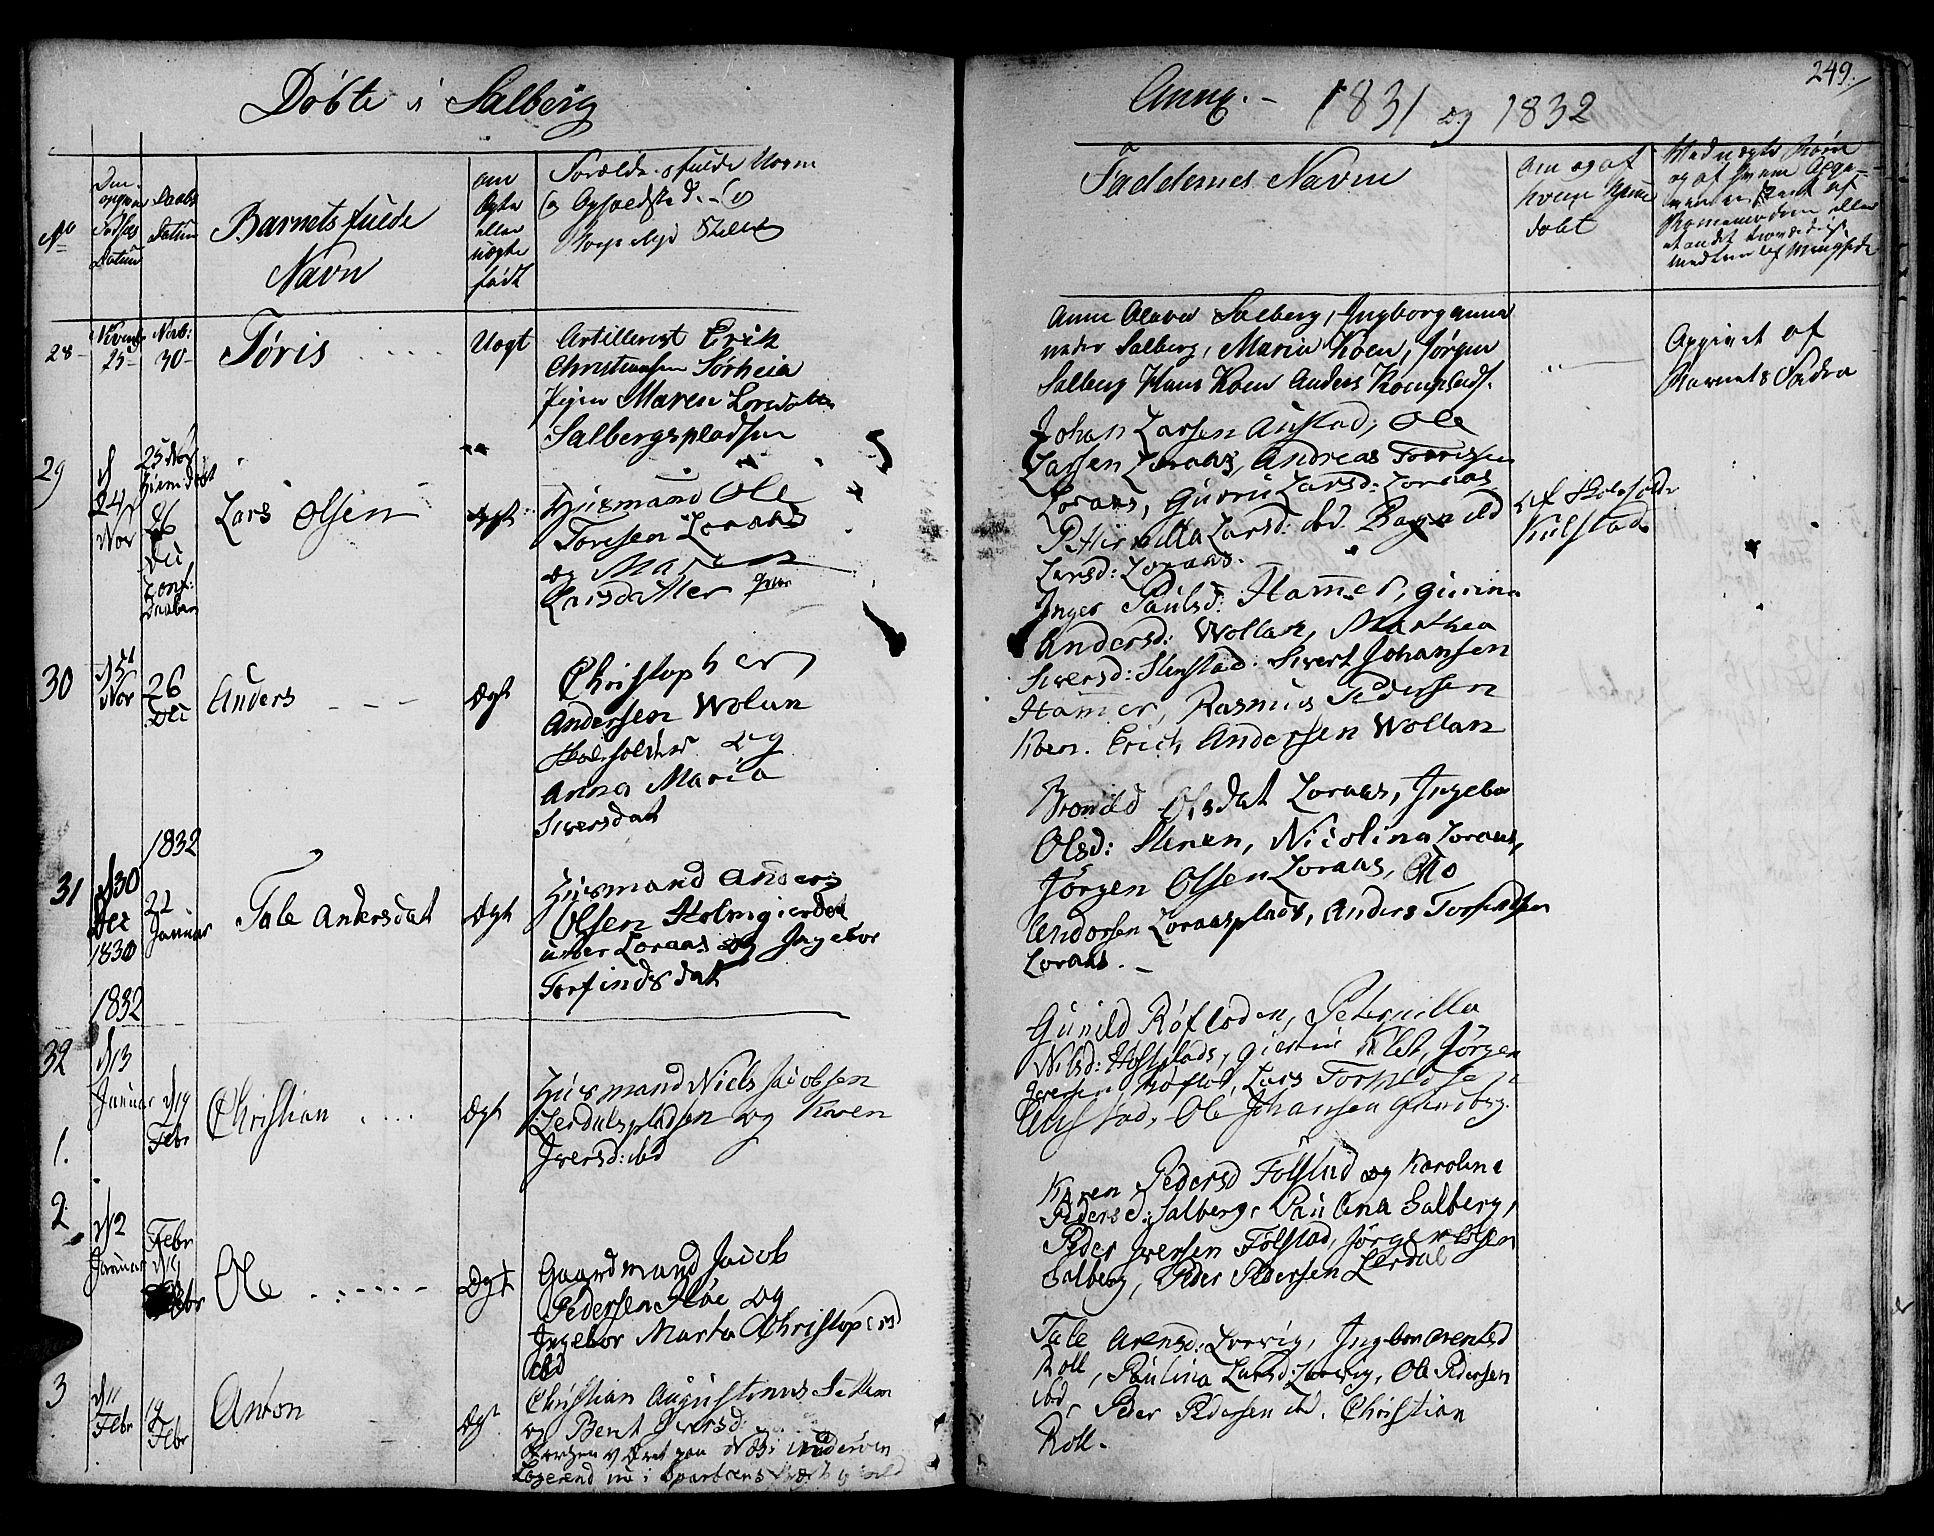 SAT, Ministerialprotokoller, klokkerbøker og fødselsregistre - Nord-Trøndelag, 730/L0277: Ministerialbok nr. 730A06 /2, 1831-1839, s. 249